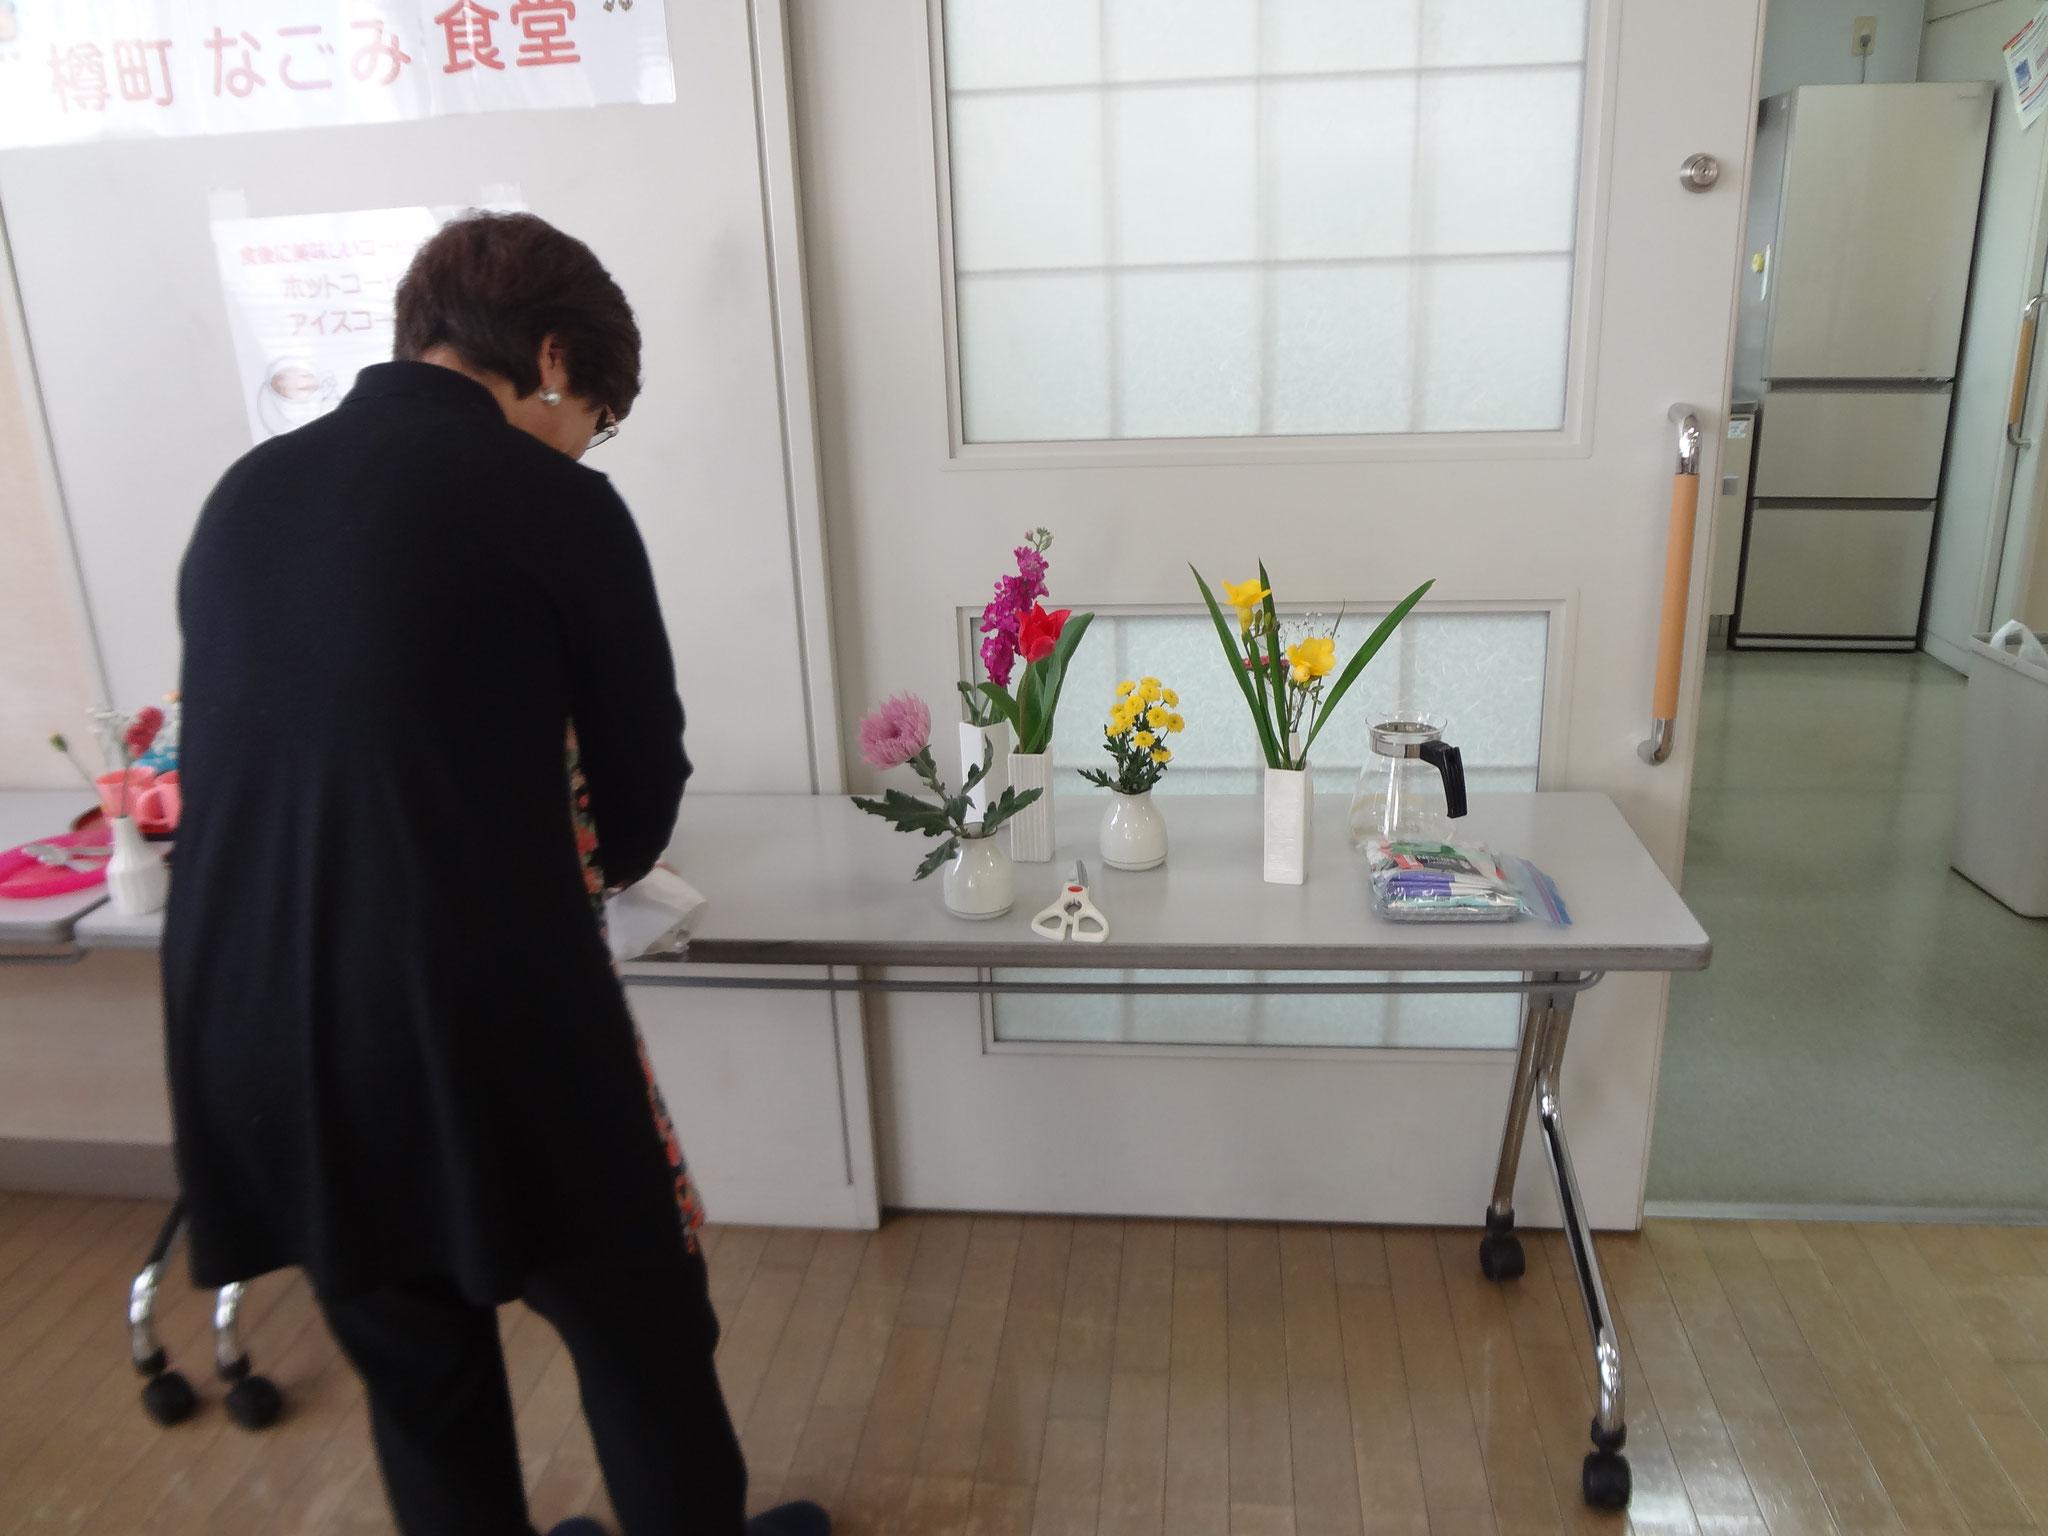 今日は春らしく、花を飾る為、準備をしています。